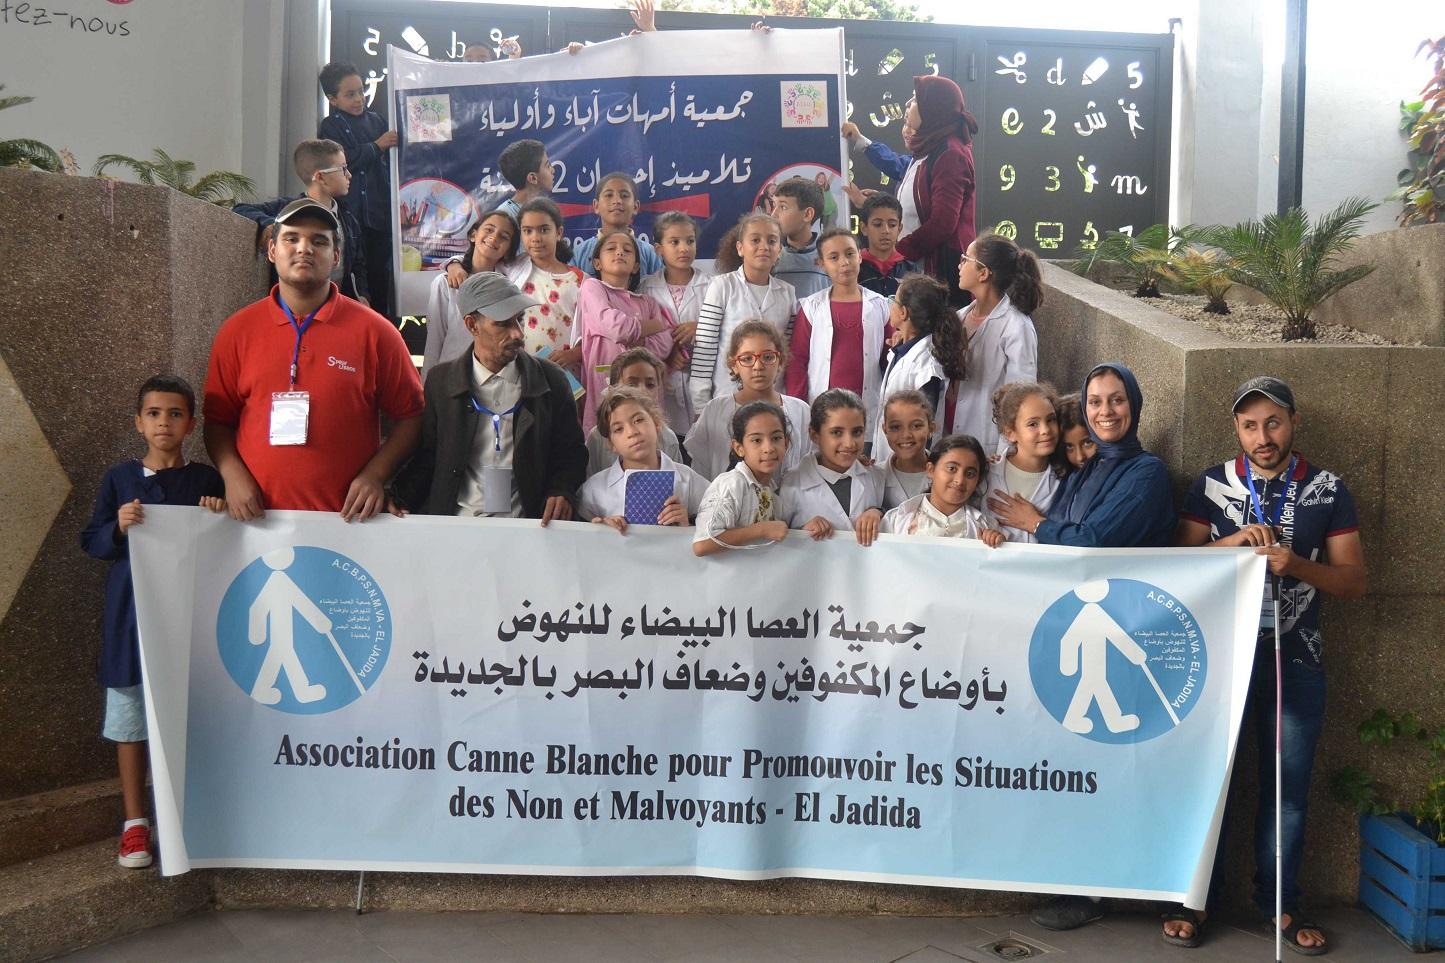 جمعية العصا البيضاء بالجديدة و مؤسسة إحسان 2 تحتفيان باليوم العالمي للعصا البيضاء